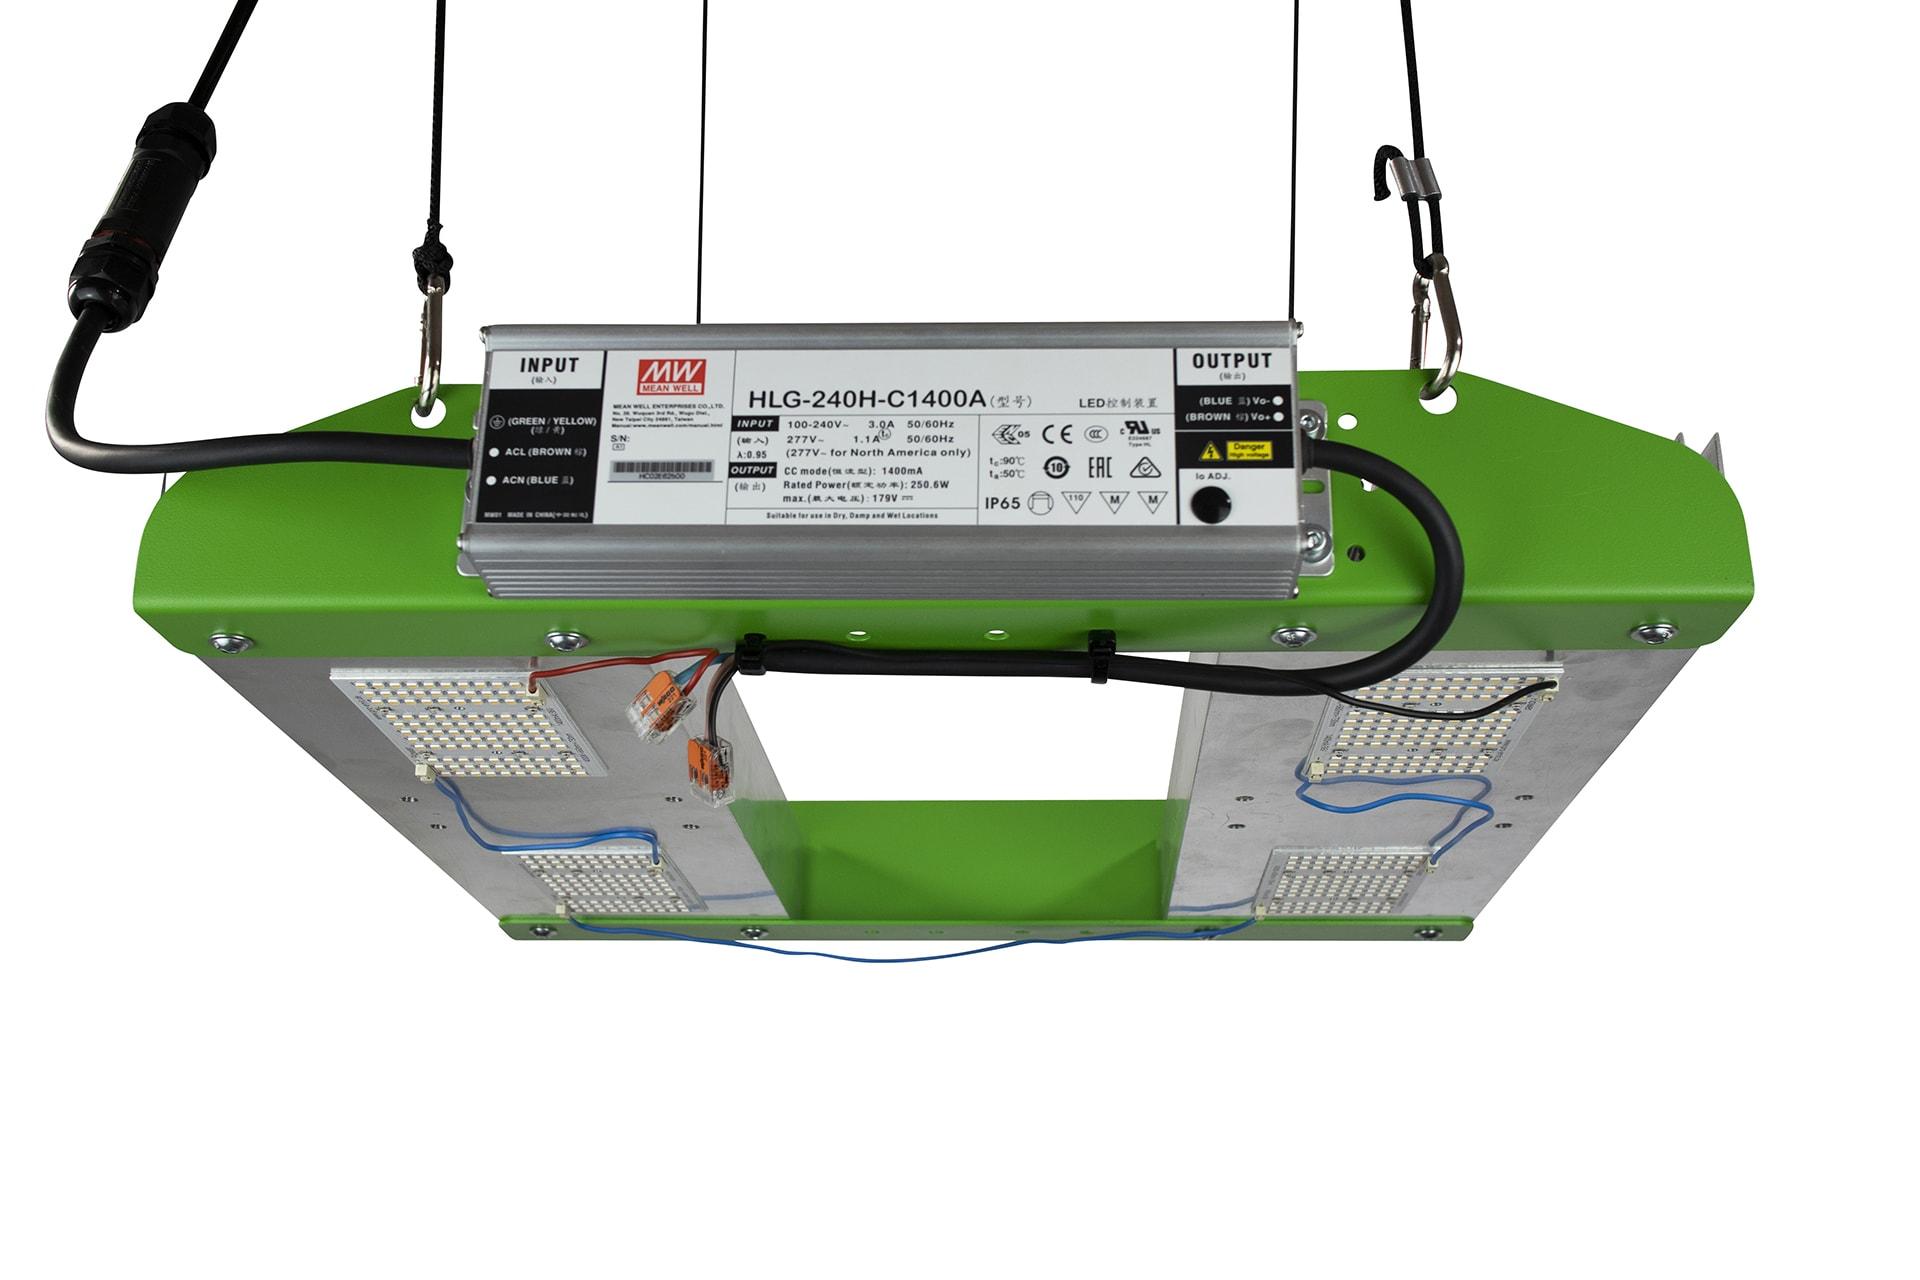 DIY-M-KIT-SMD-200w-quader-aufbau-down-under--pro-emit-onlineshop